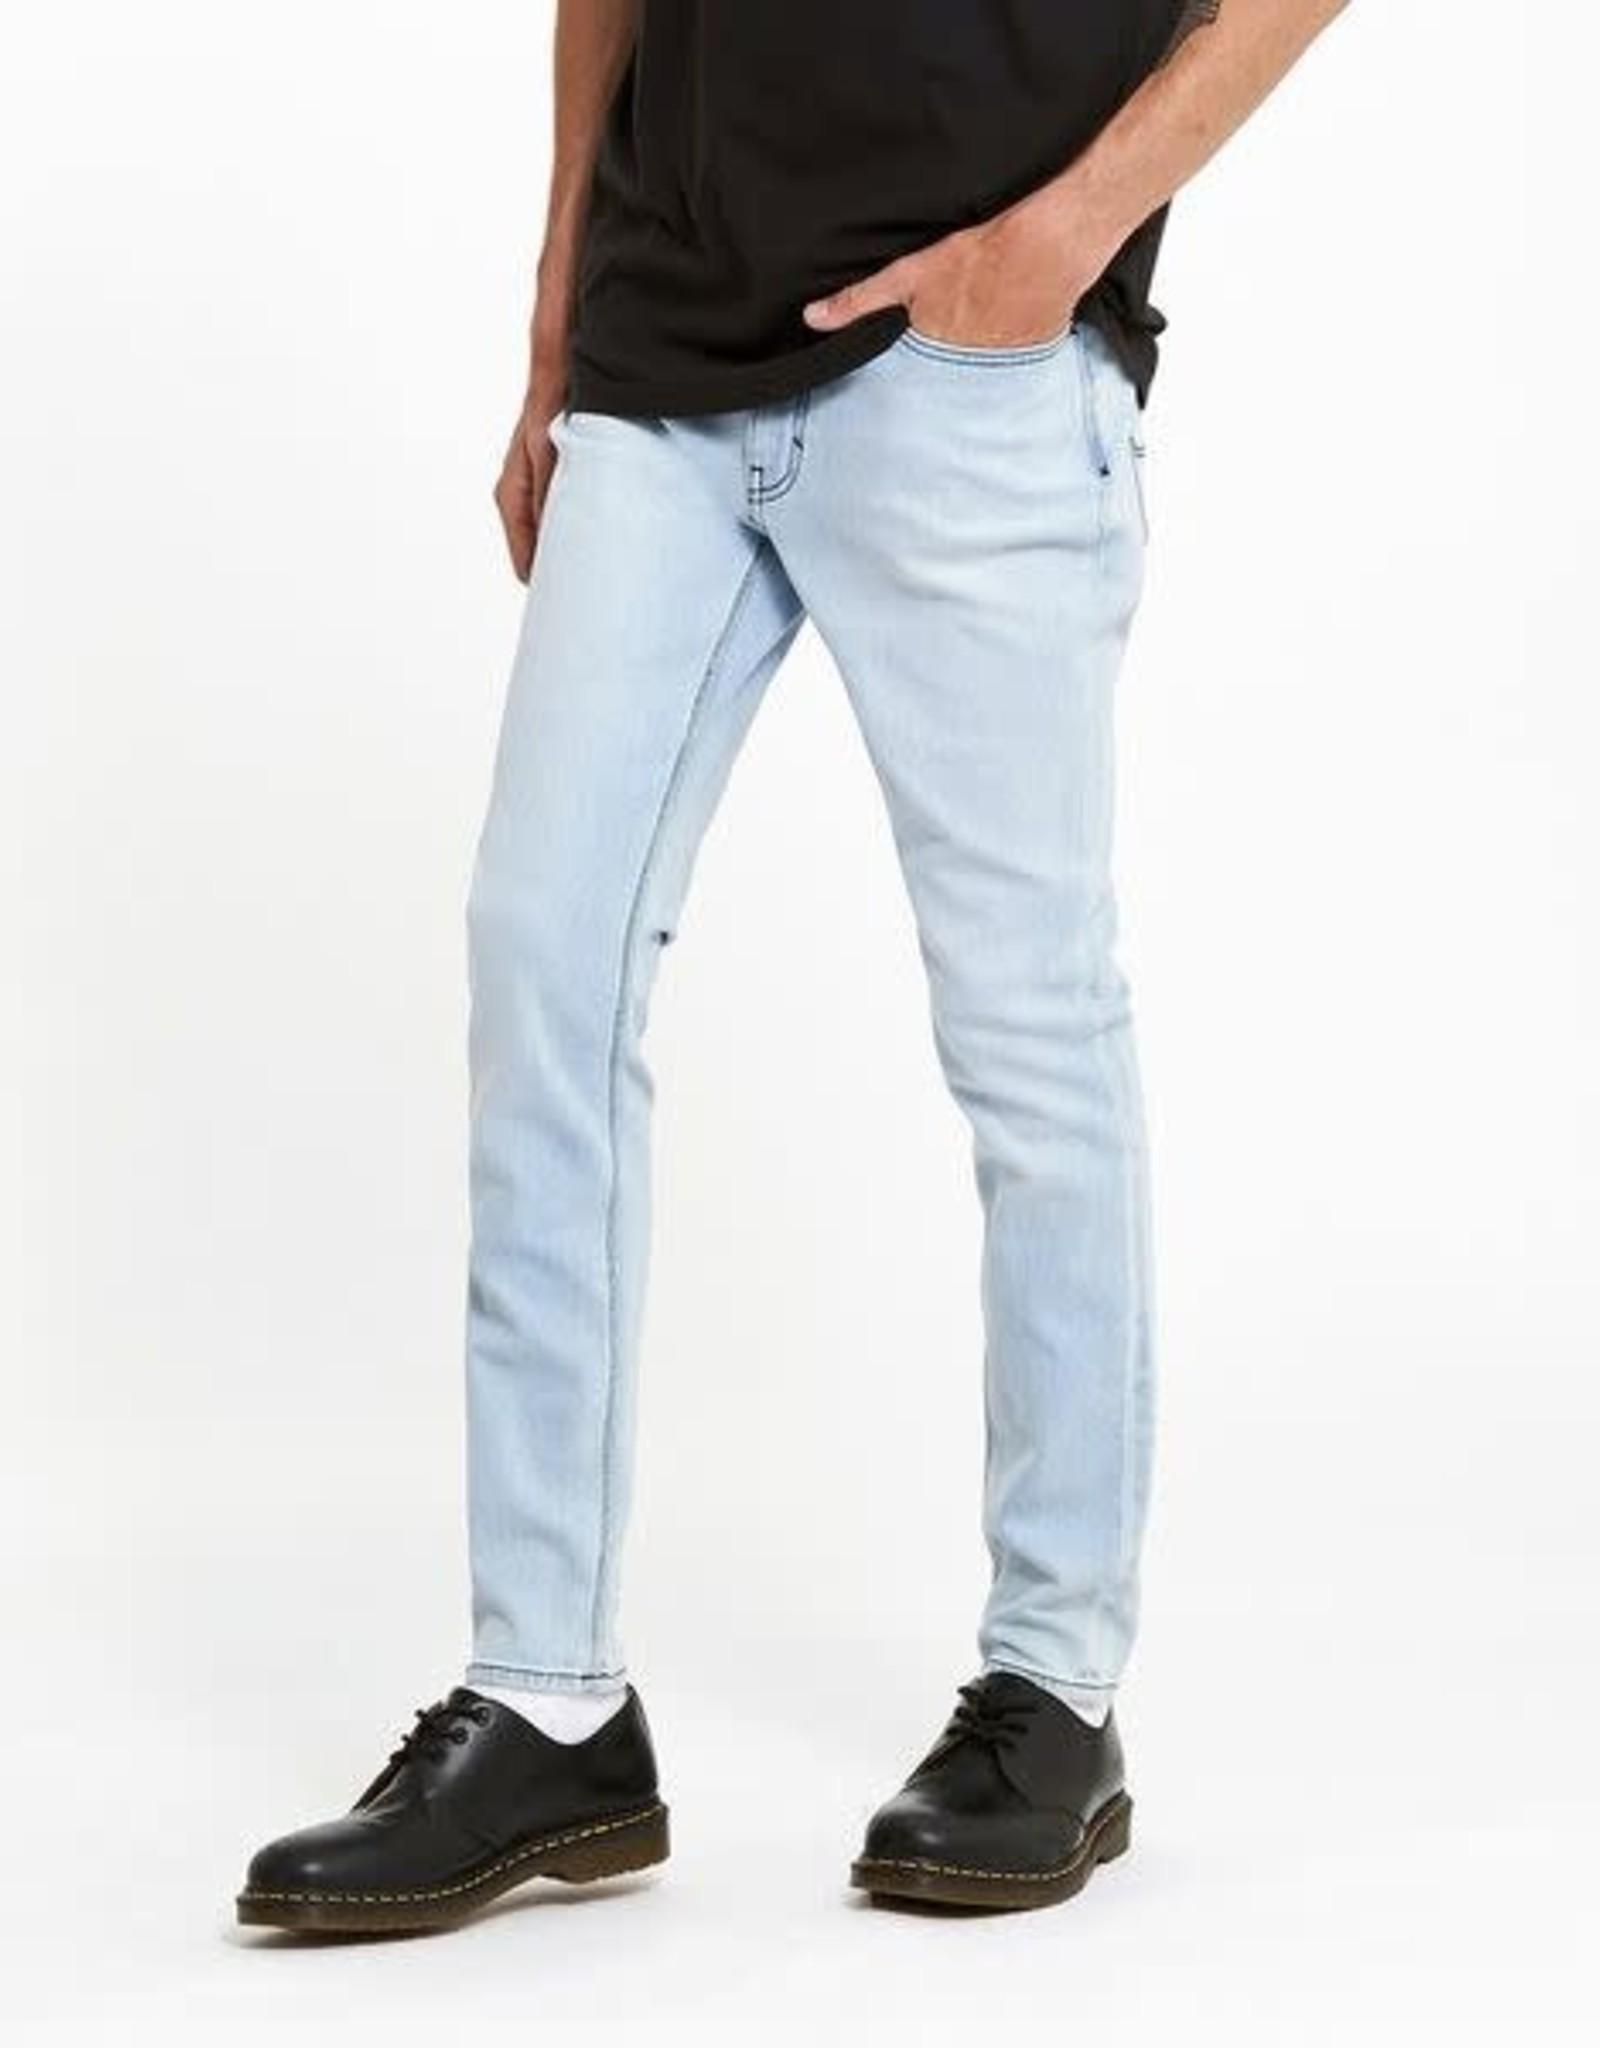 LEE Z-One Bellarine Blue Tapered Skinny